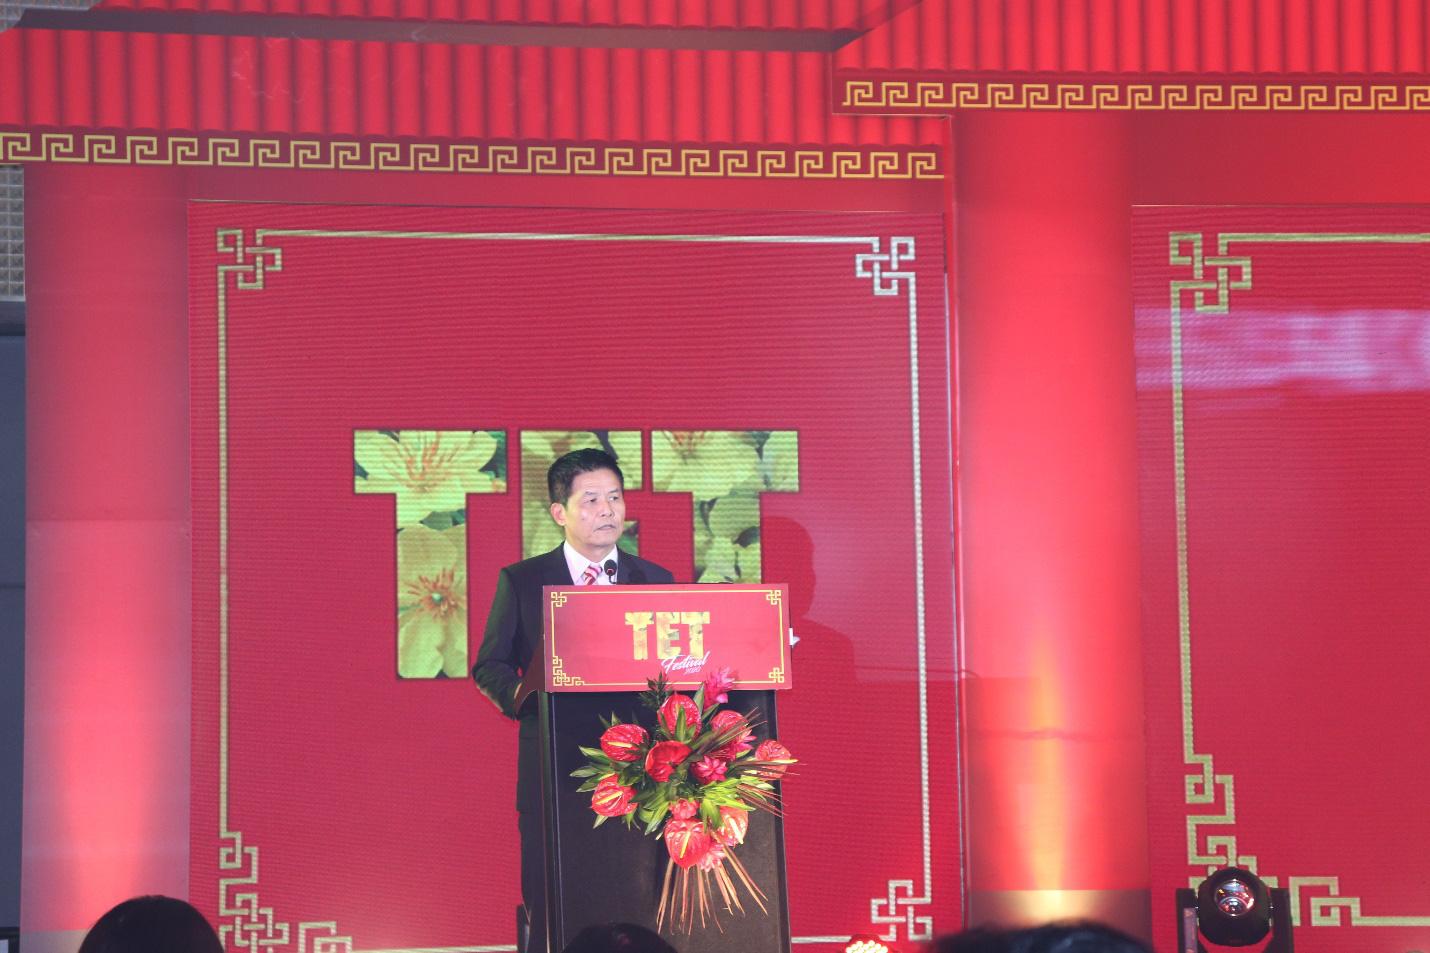 Chin-Su đồng hành cùng Lễ hội Tết Việt – Tết Festival 2020 - Ảnh 2.